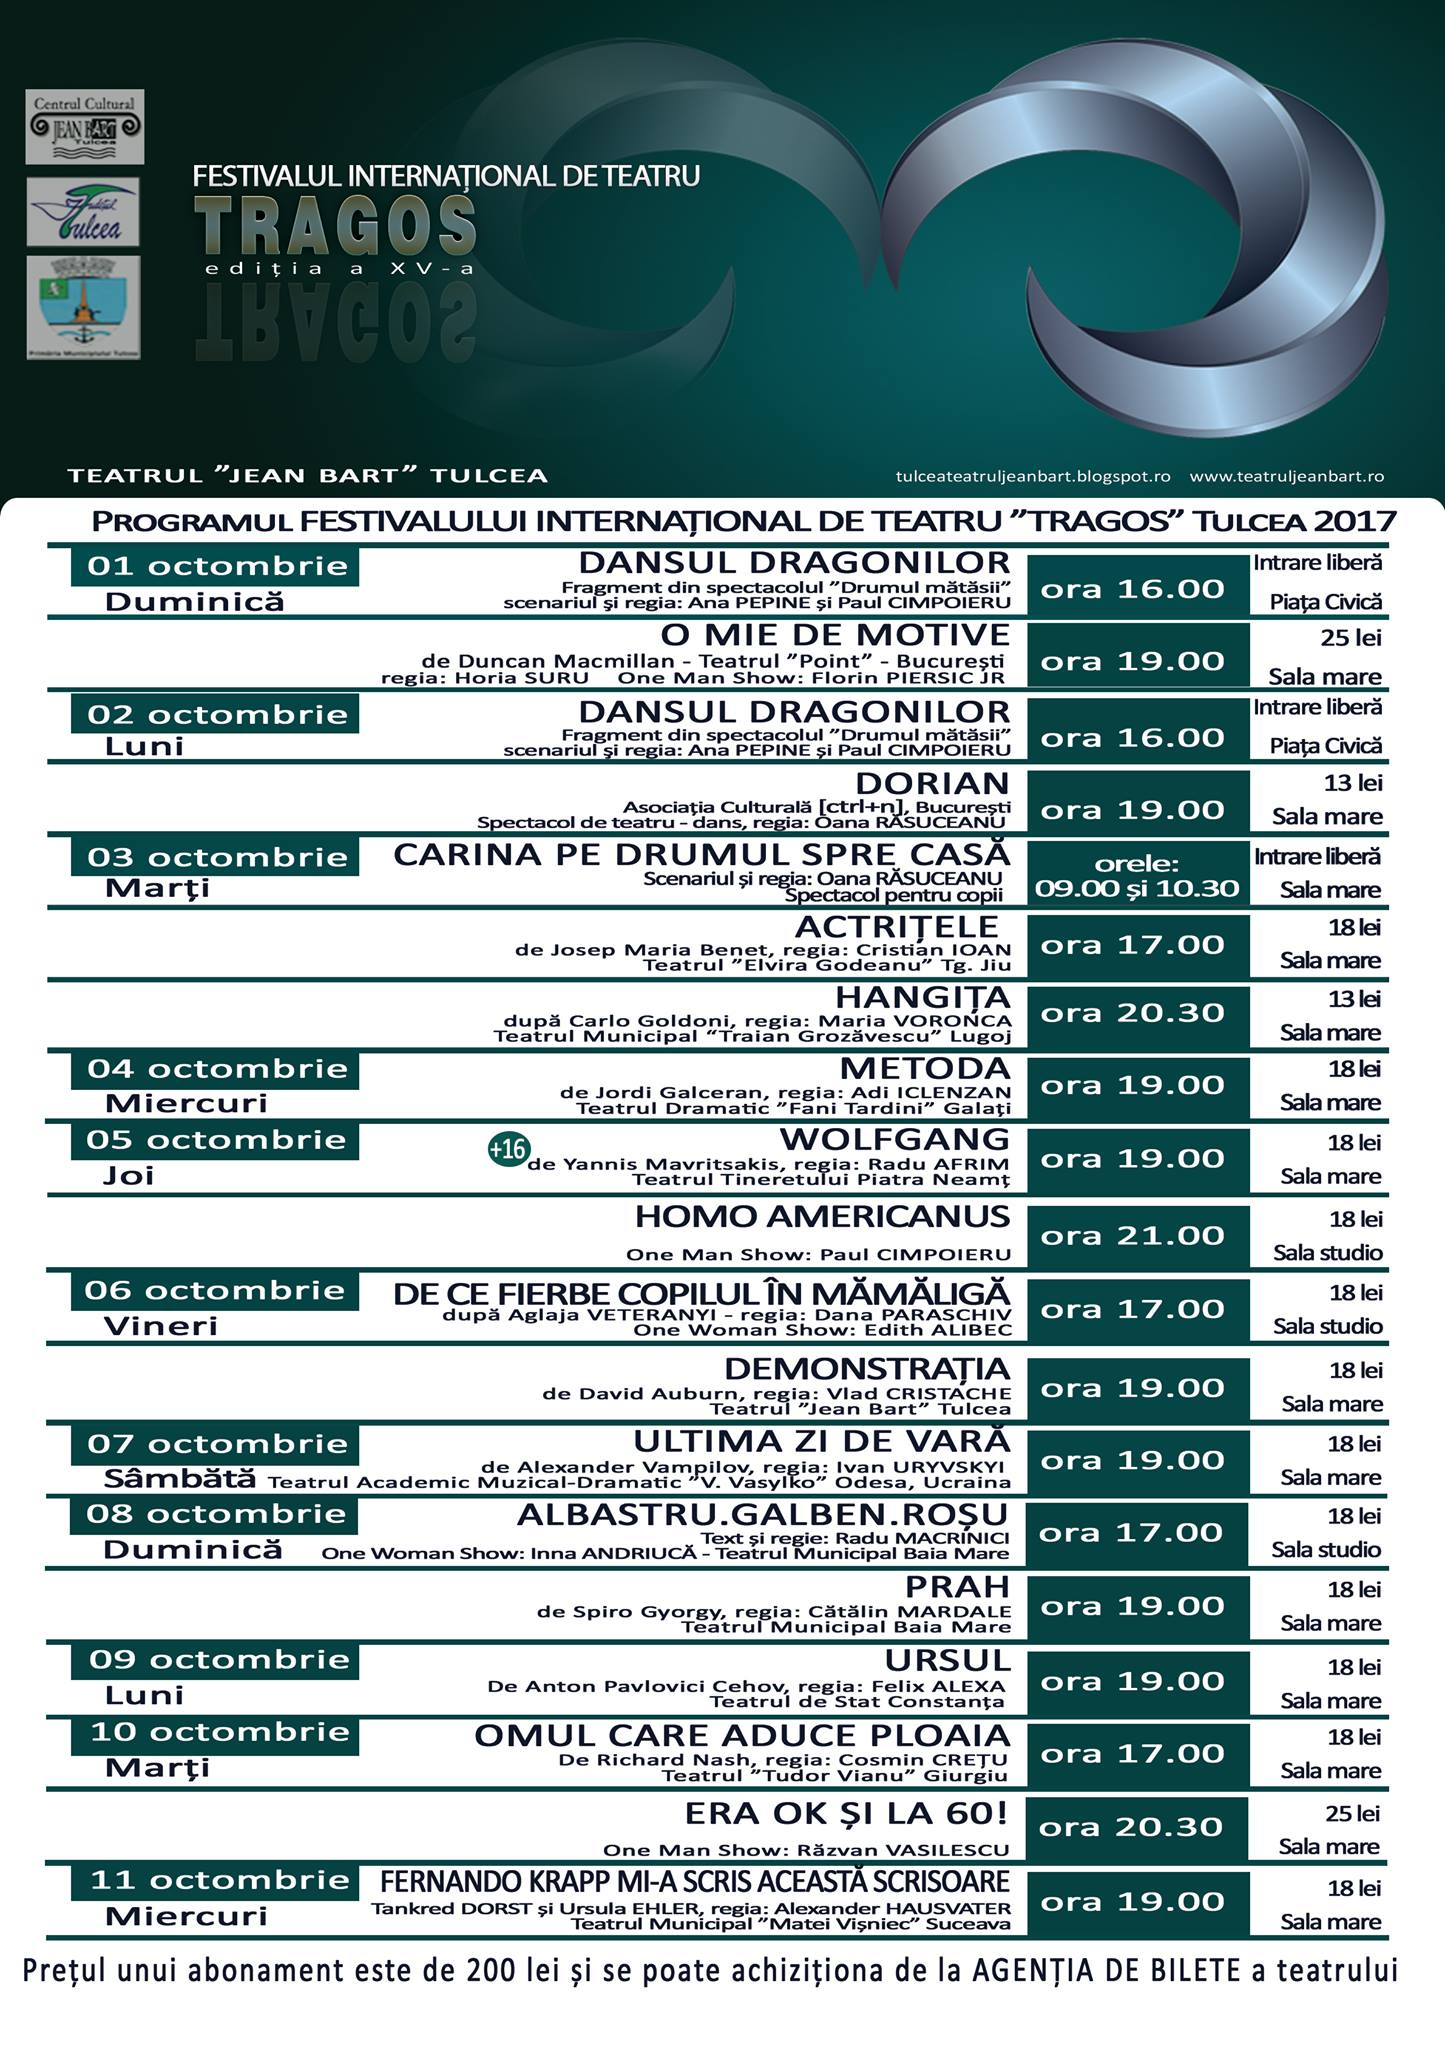 Festivalul Internațional de Teatru TRAGOS, ediția a XV-a